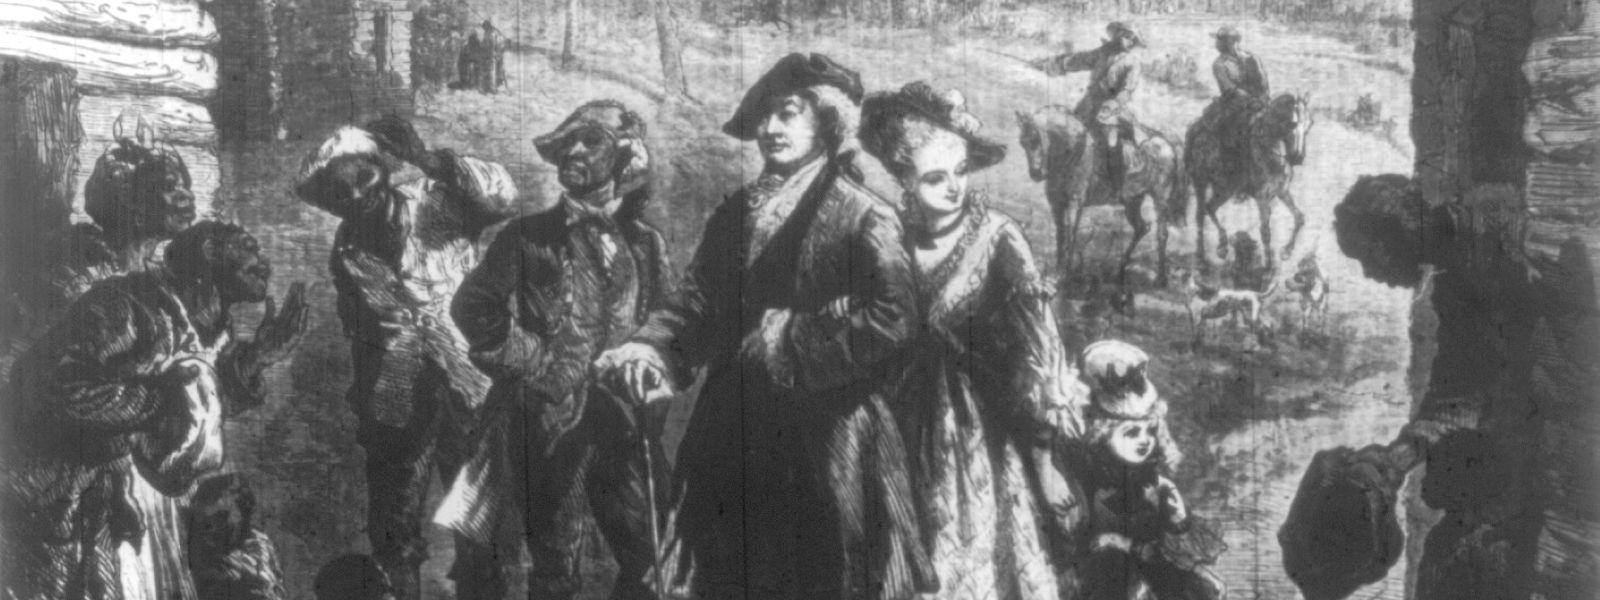 Ein Plantagenbesitzer in Virginia und seine Familie besichtigen die Unterkünfte ihrer Sklaven, Darstellung in Harper's Weekly von 1876 über die Situation hundert Jahre zuvor.